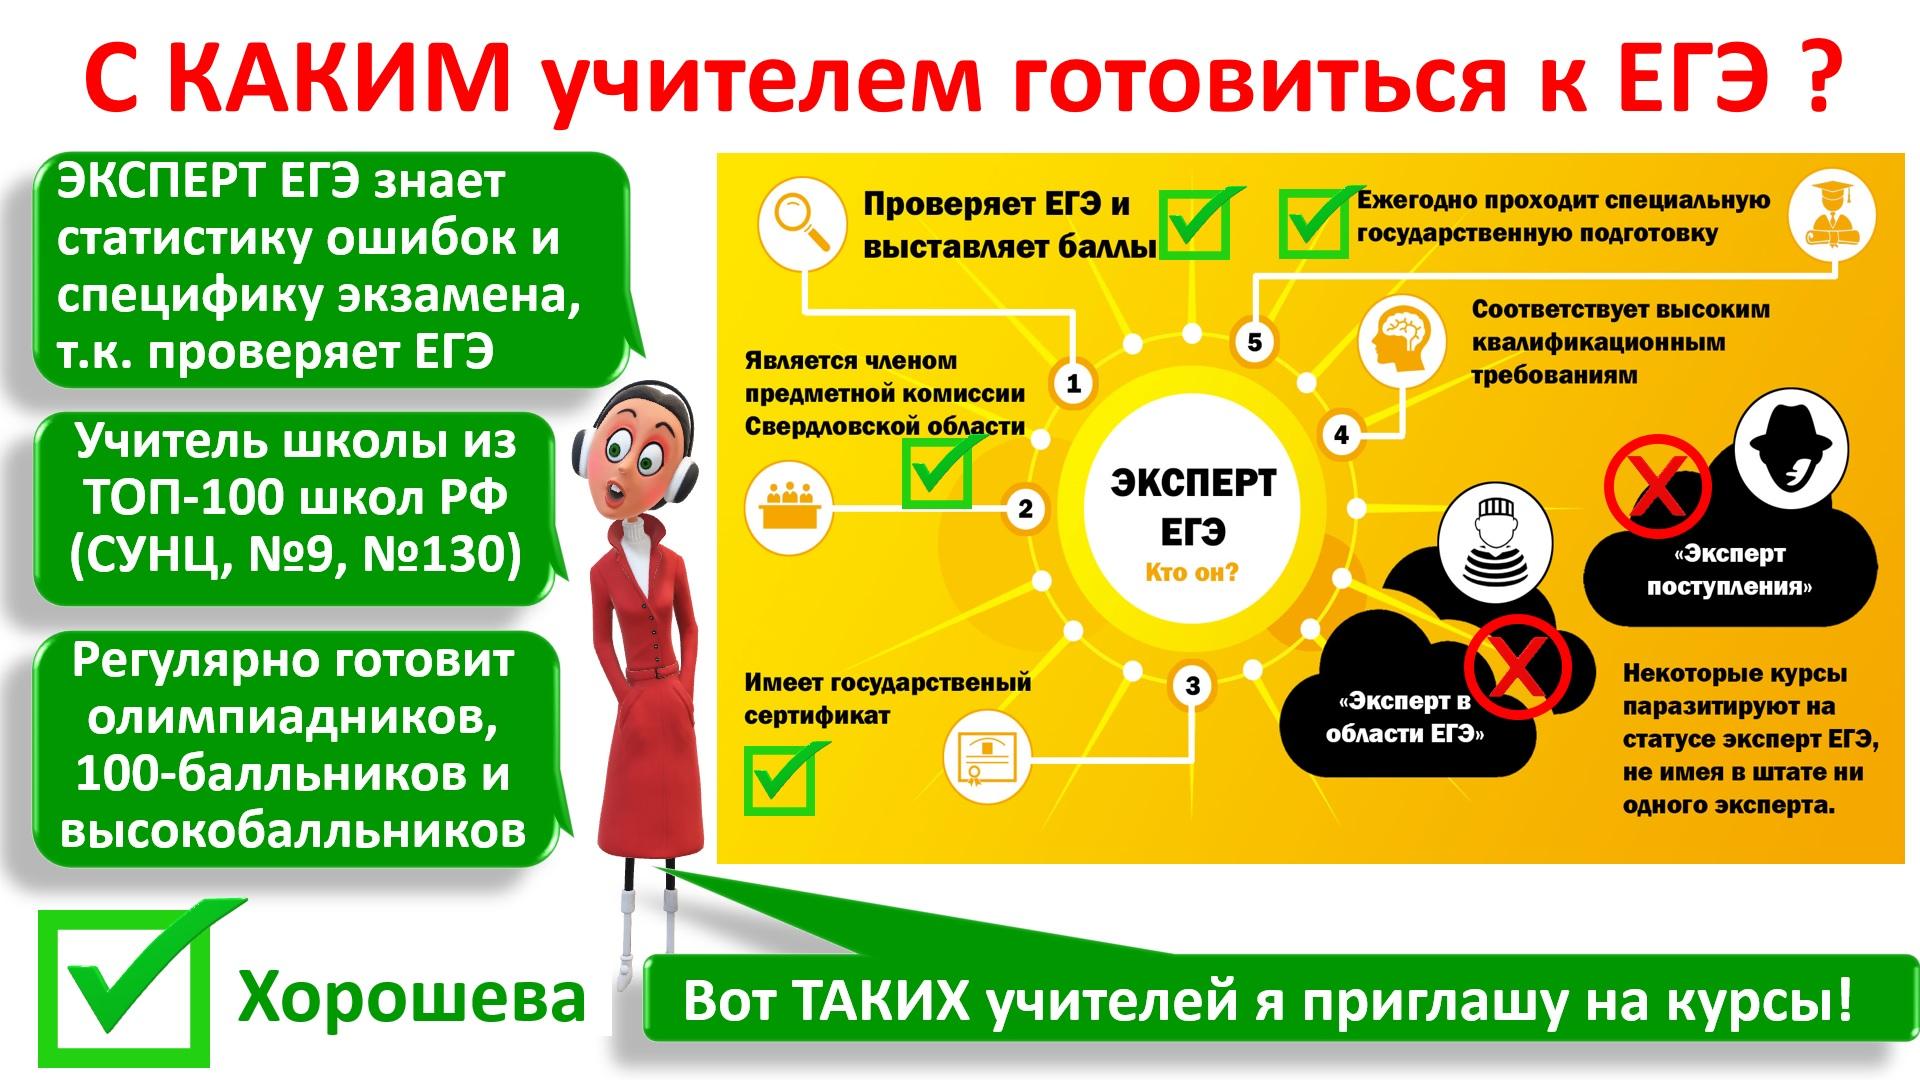 Качественное наполнение академчаса у разных курсов разительно отличается: топовые учителя из школ топ-100 в РФ или студенты, читающие чью-то методичку